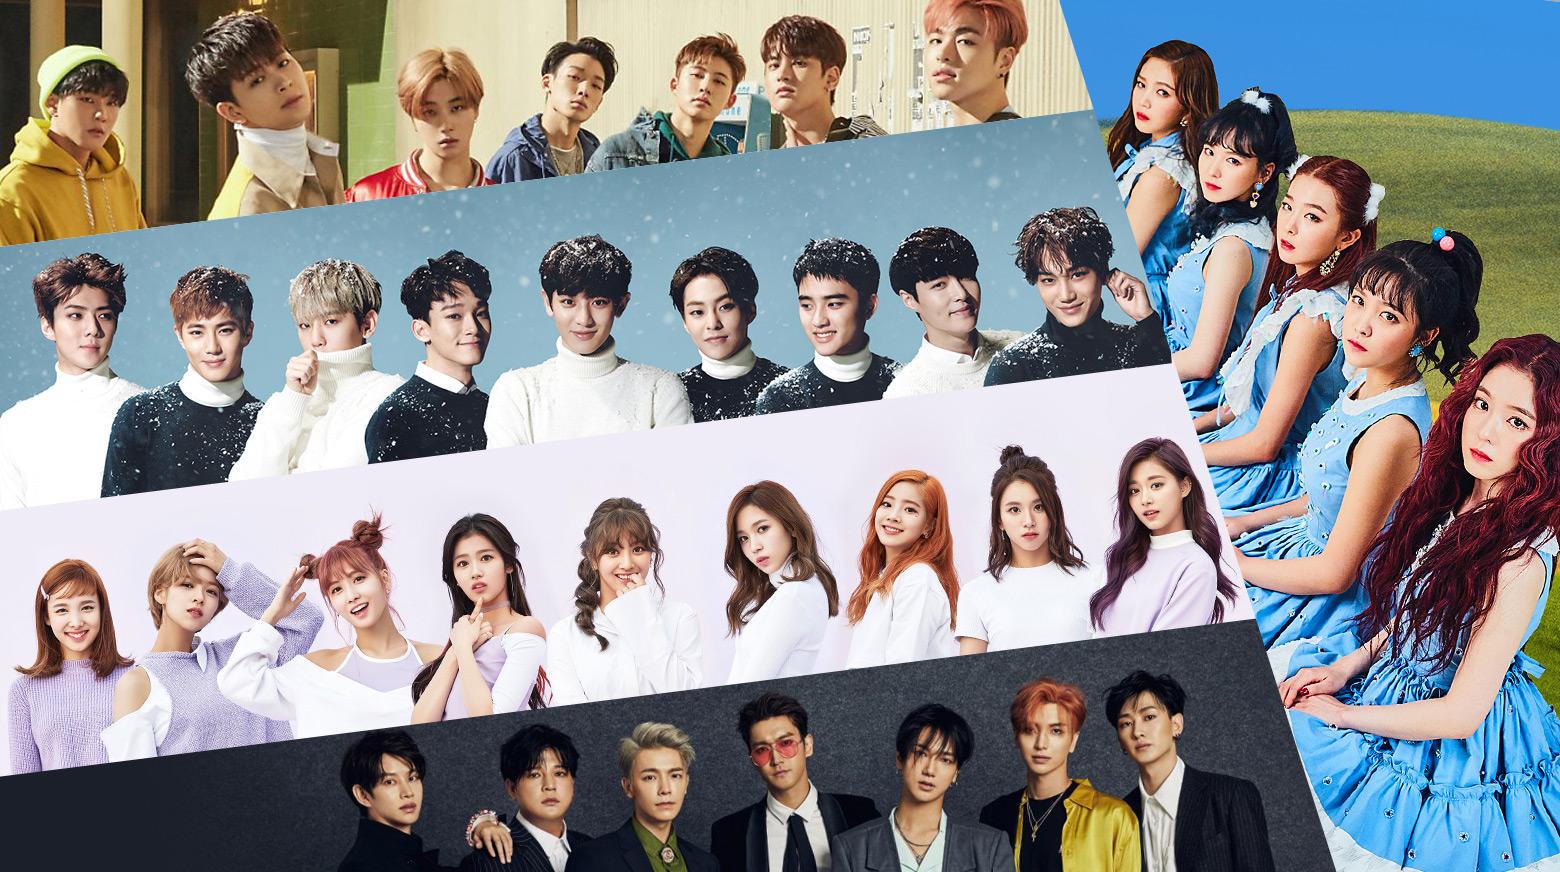 2019 アイドルスターアスレチックチャンピオンシップ - ニューイヤースペシャル